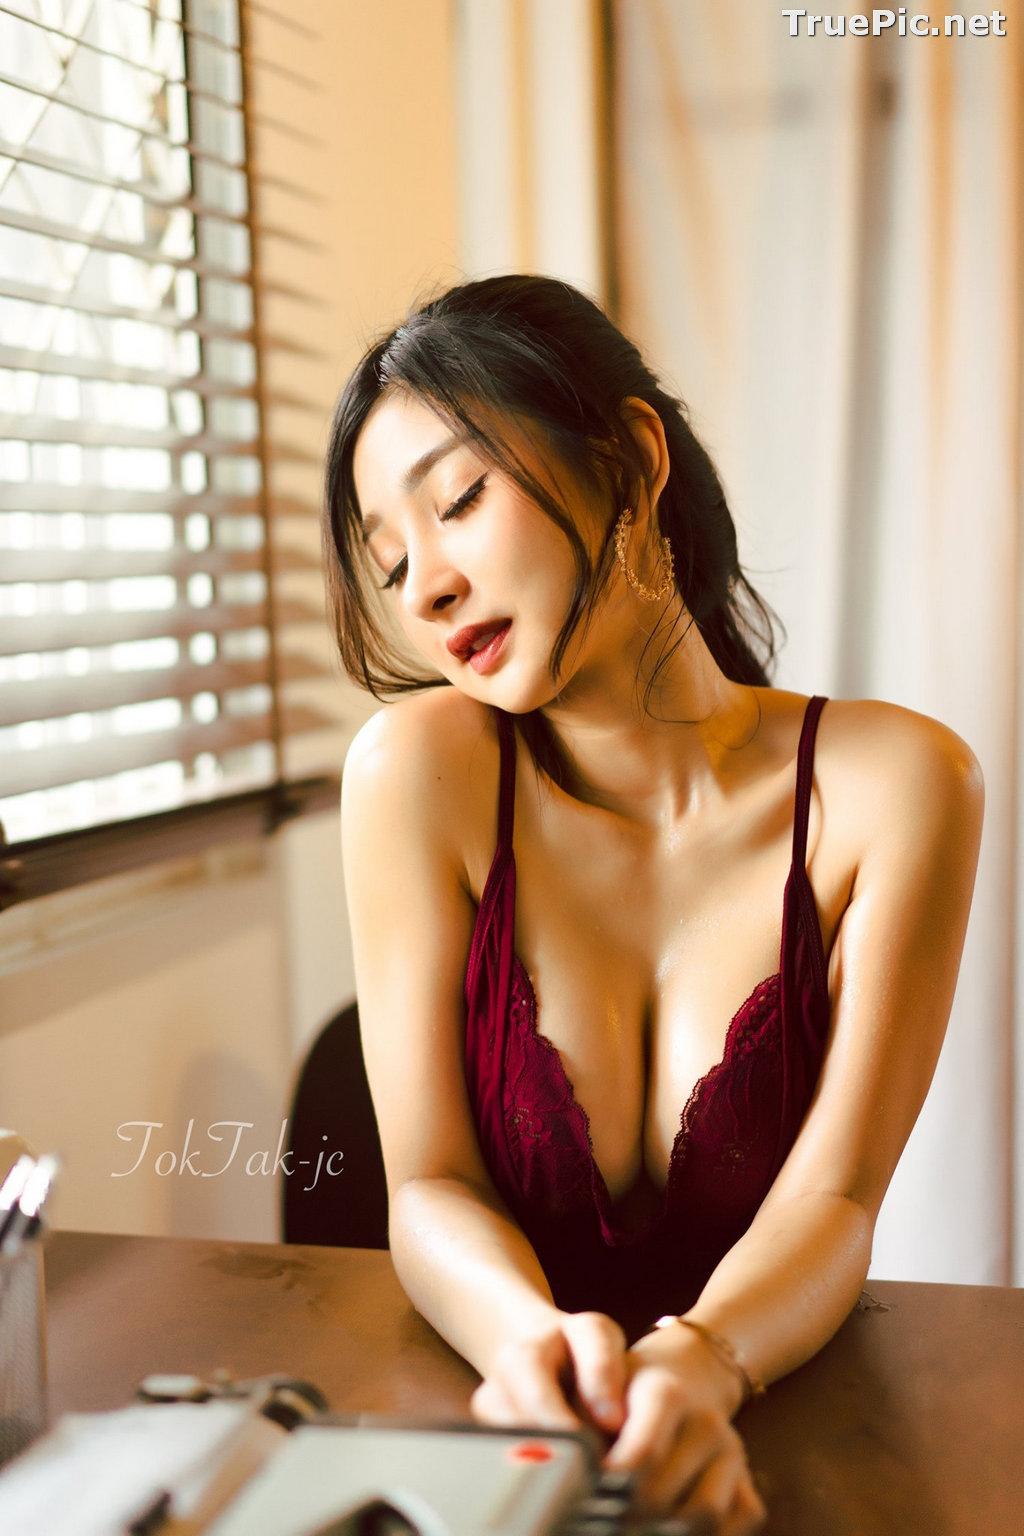 Image Thailand Model - Pattamaporn Keawkum - Red Plum Lingerie - TruePic.net - Picture-4